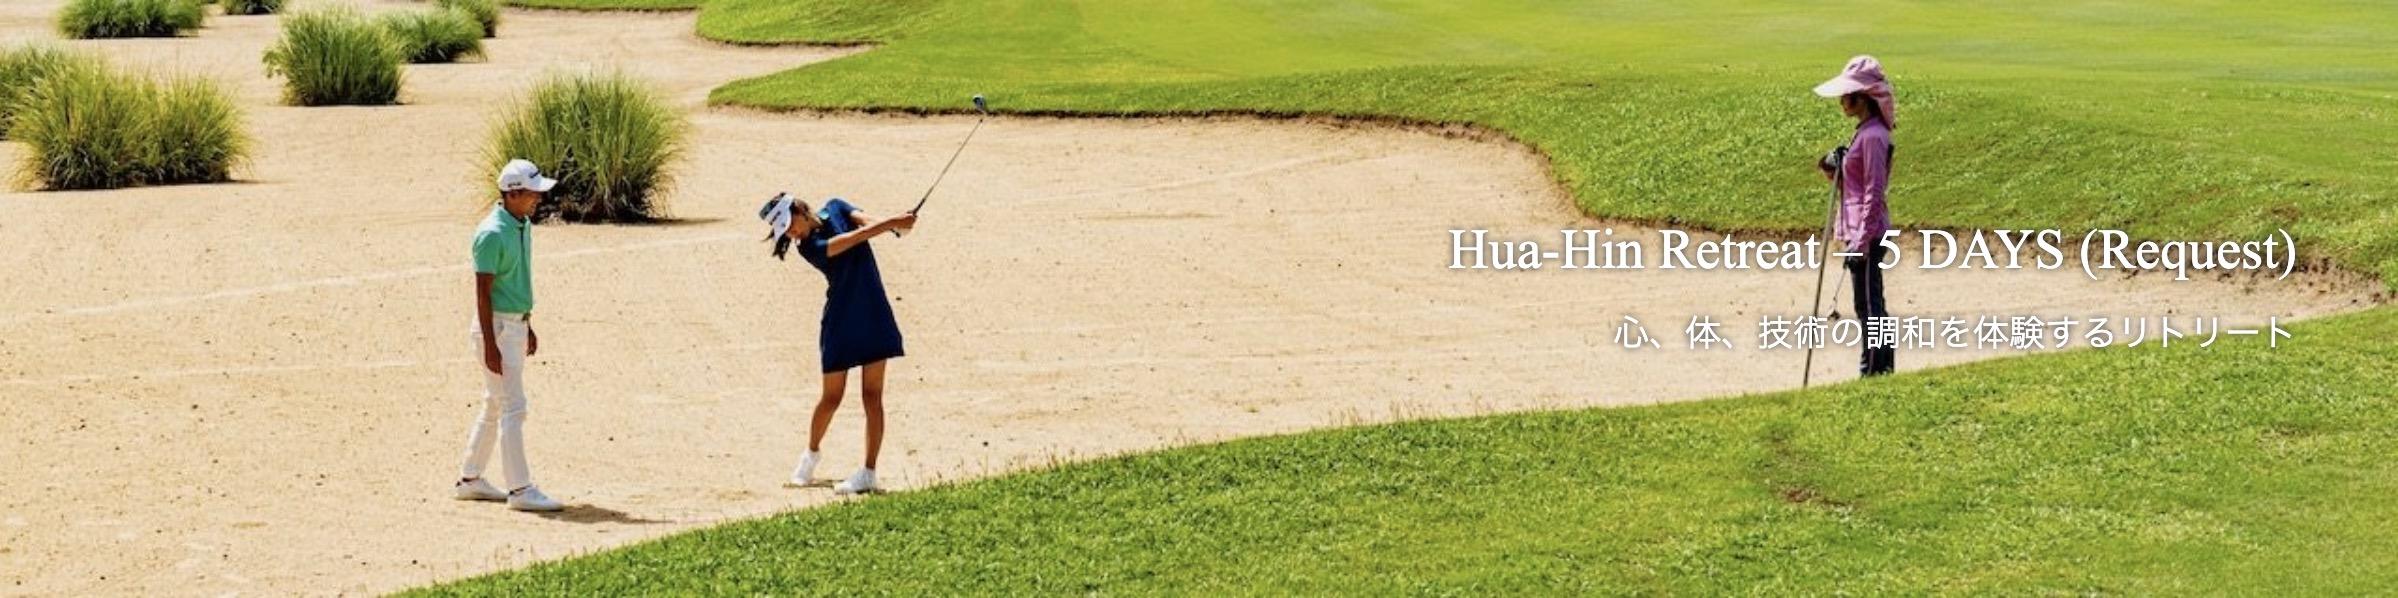 Thai-golf-retreat-headder1